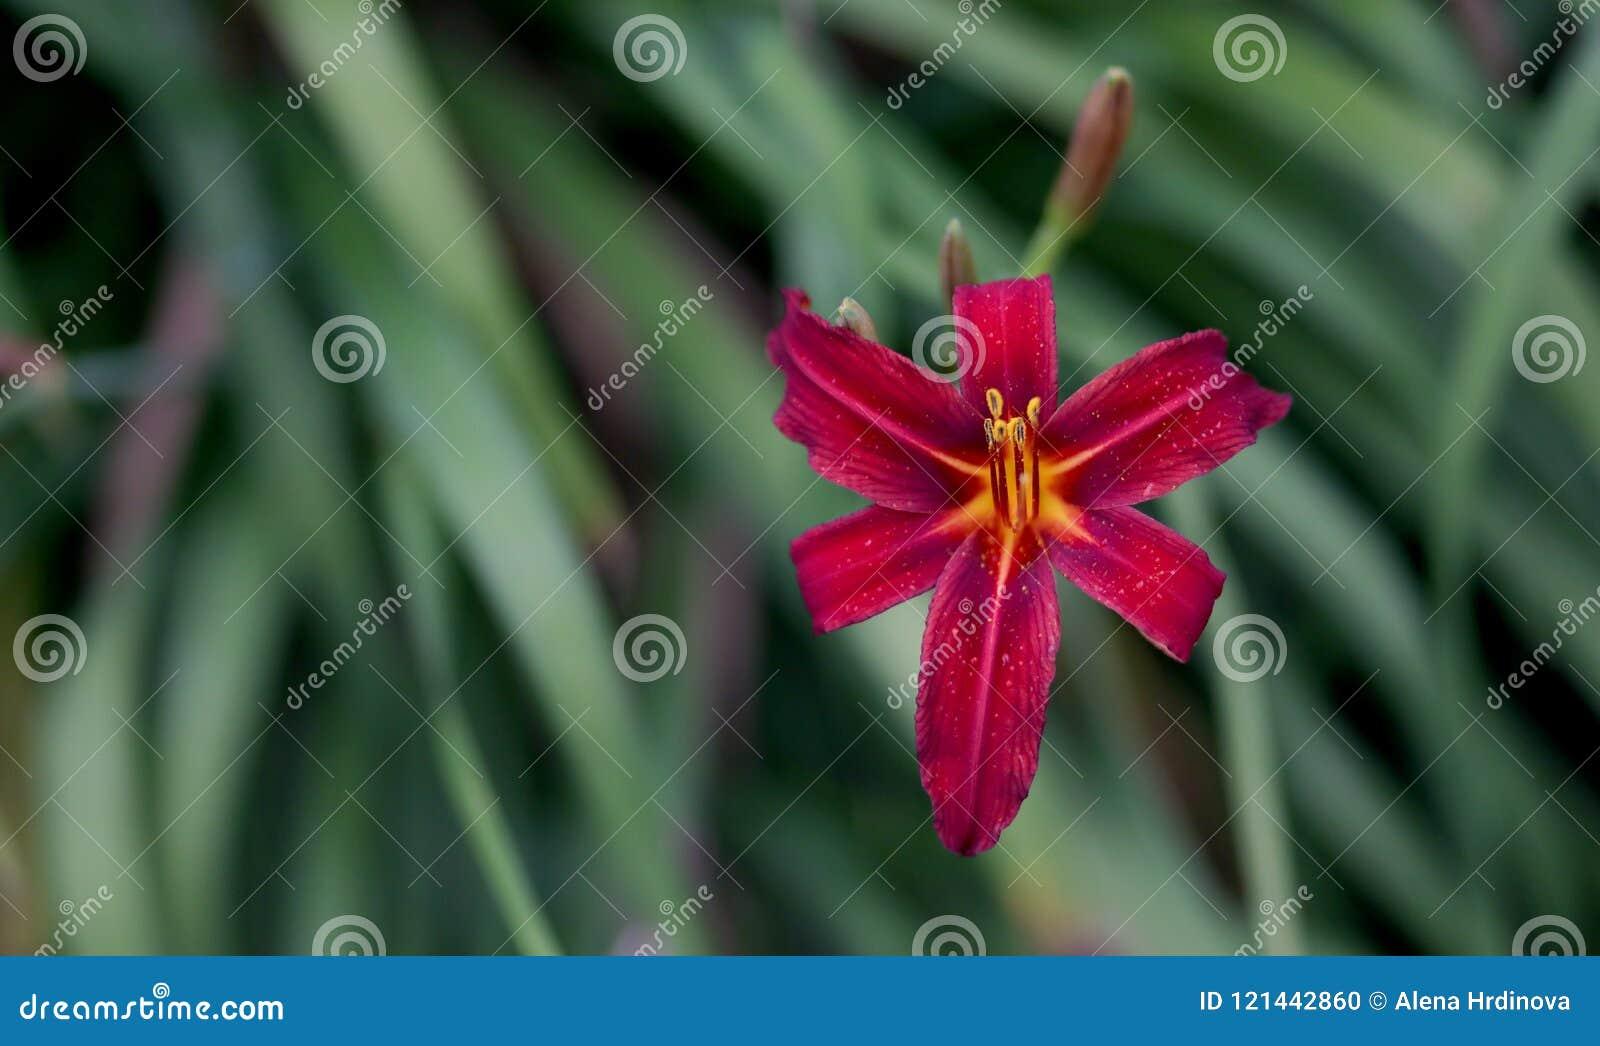 红色百合花和绿色叶子背景